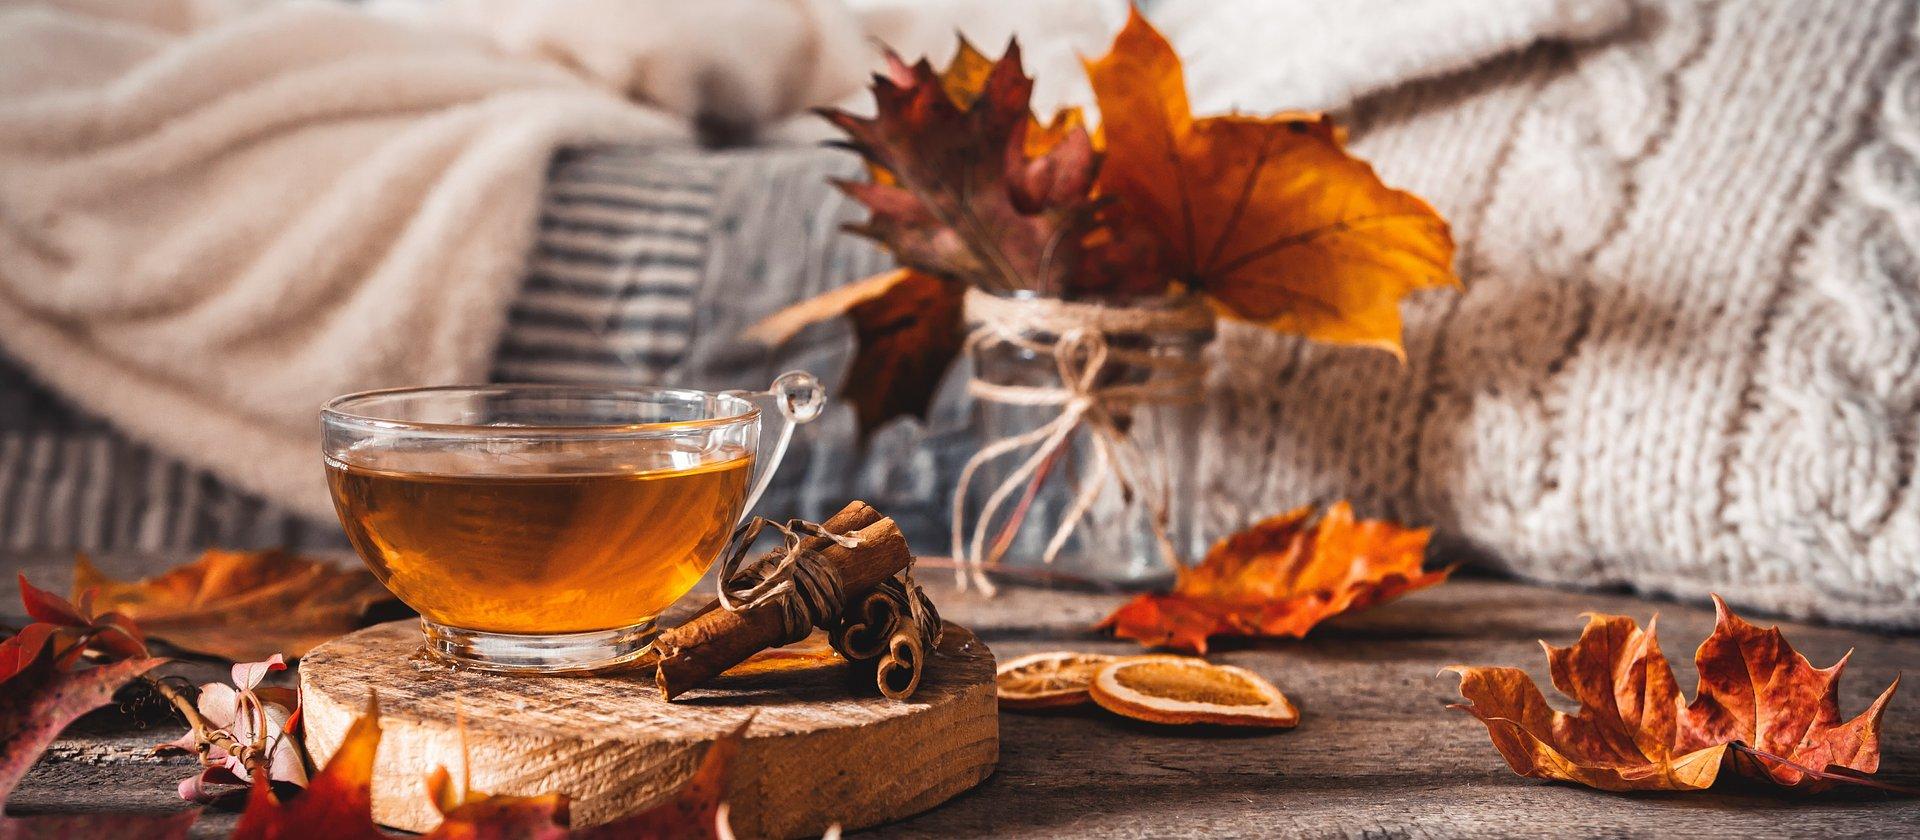 Nakarm jesienną chandrę – kulinarne sposoby na dobry nastrój